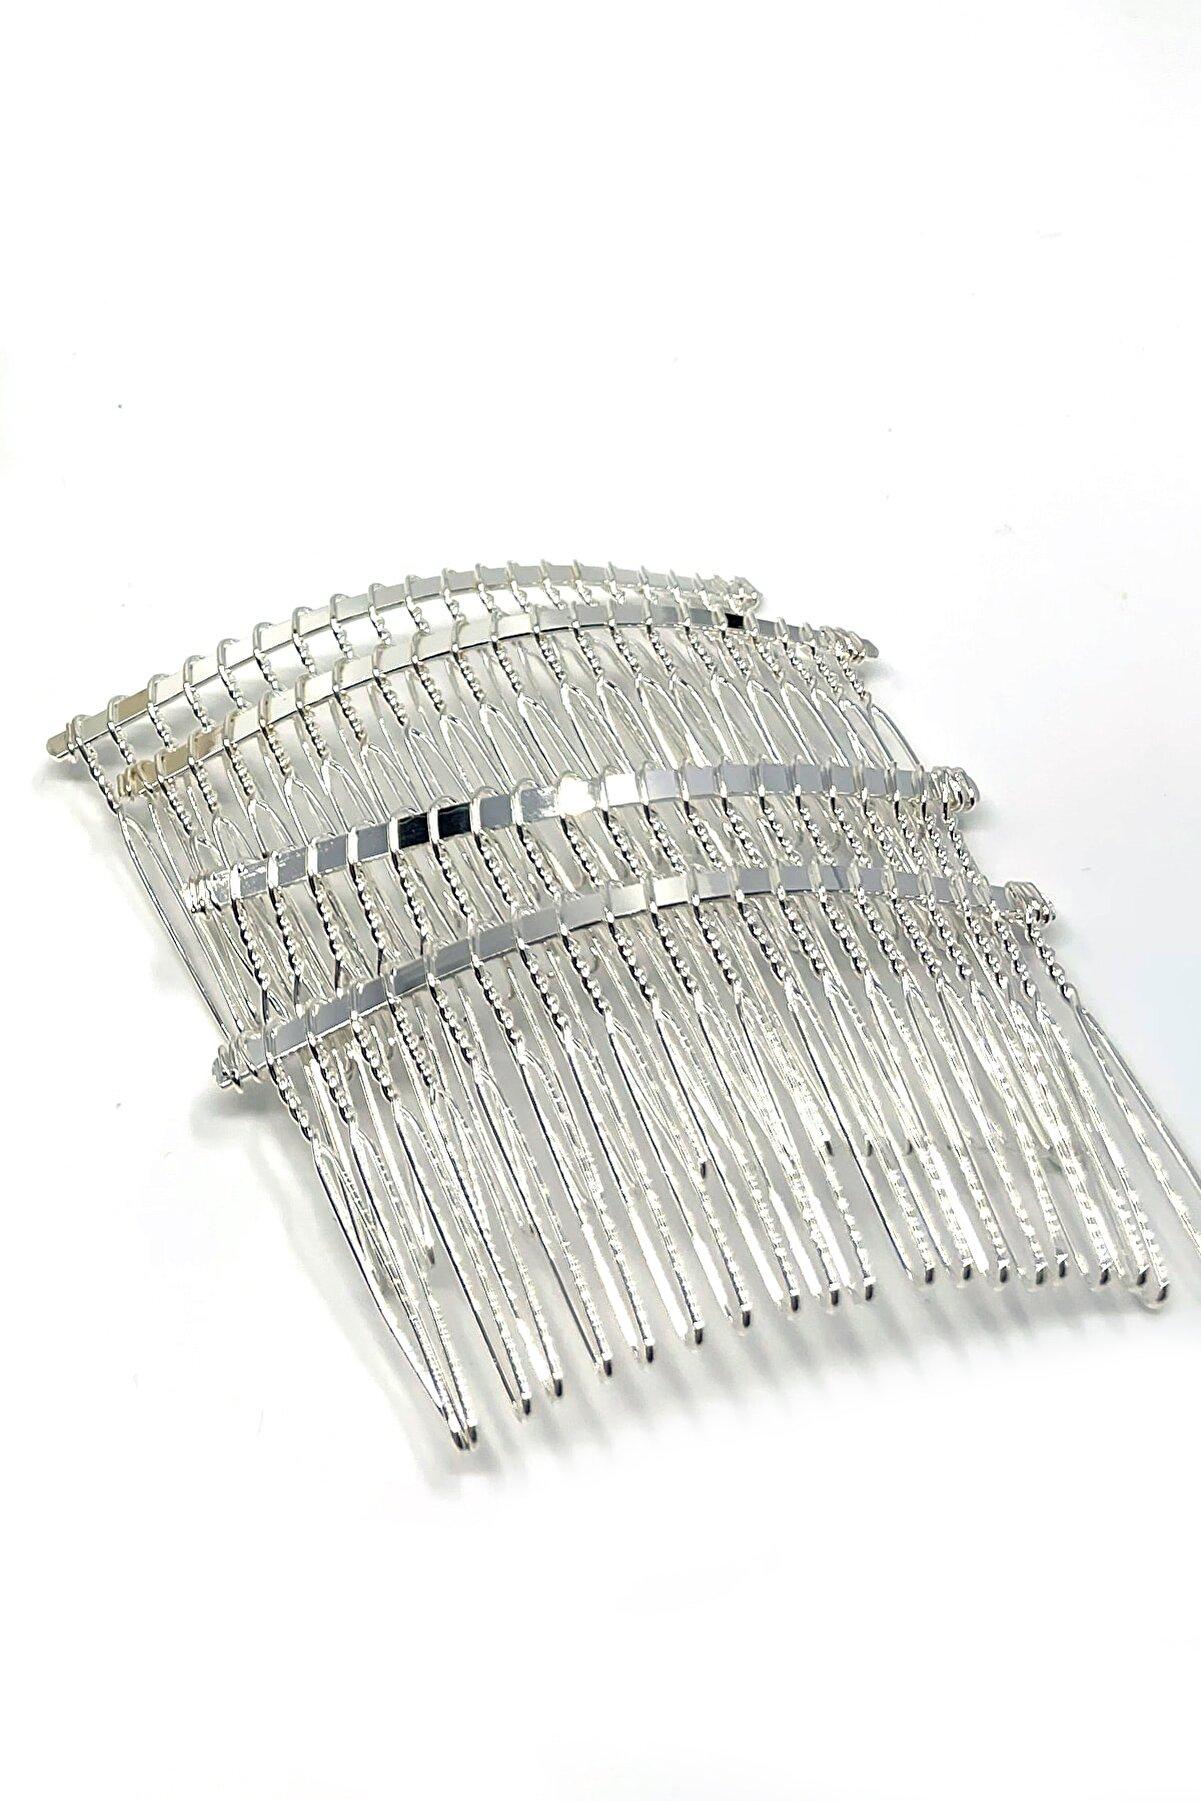 Tahtakaledeyim 20 Dişli Metal Tarak Toka Gümüş Renk 5 Adet